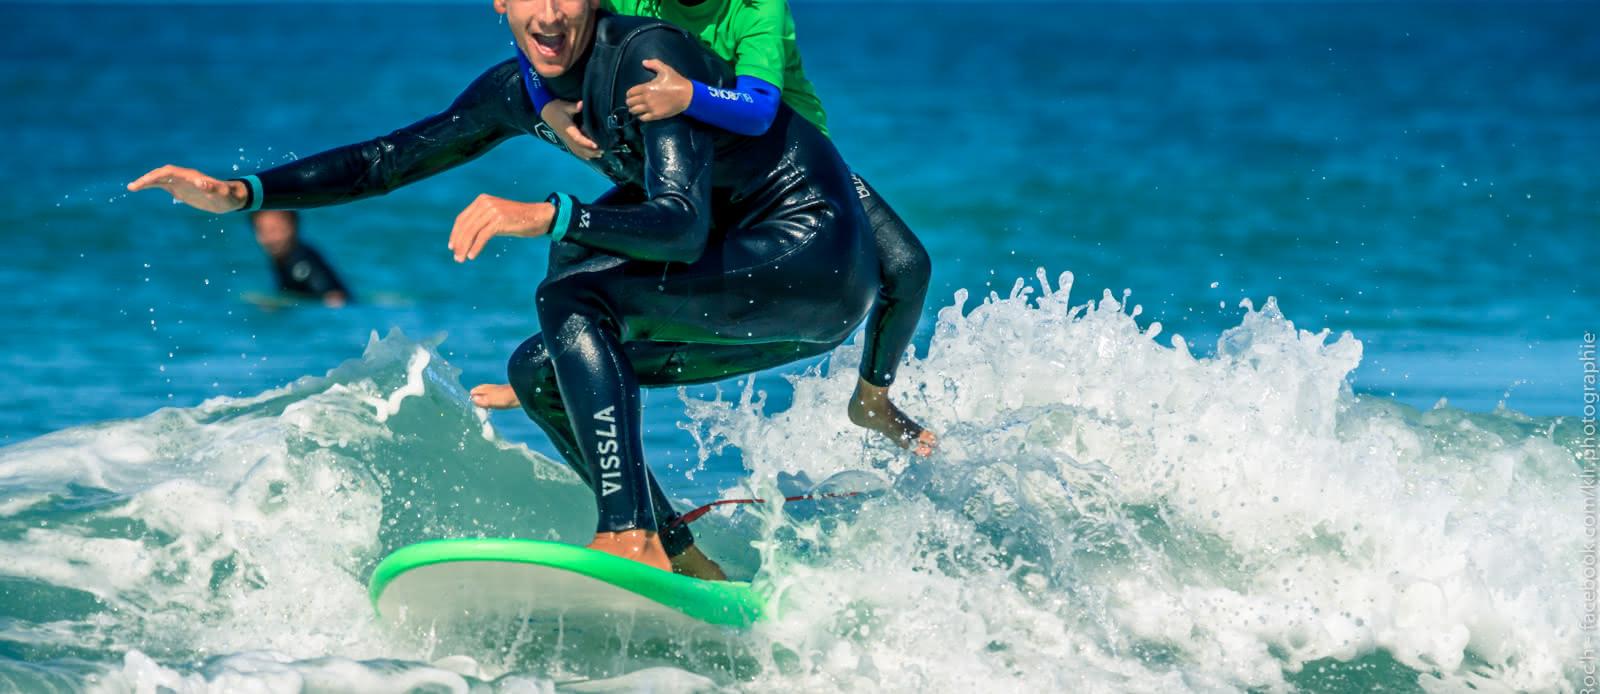 Pirate Surfing Surf Lacanau (8)